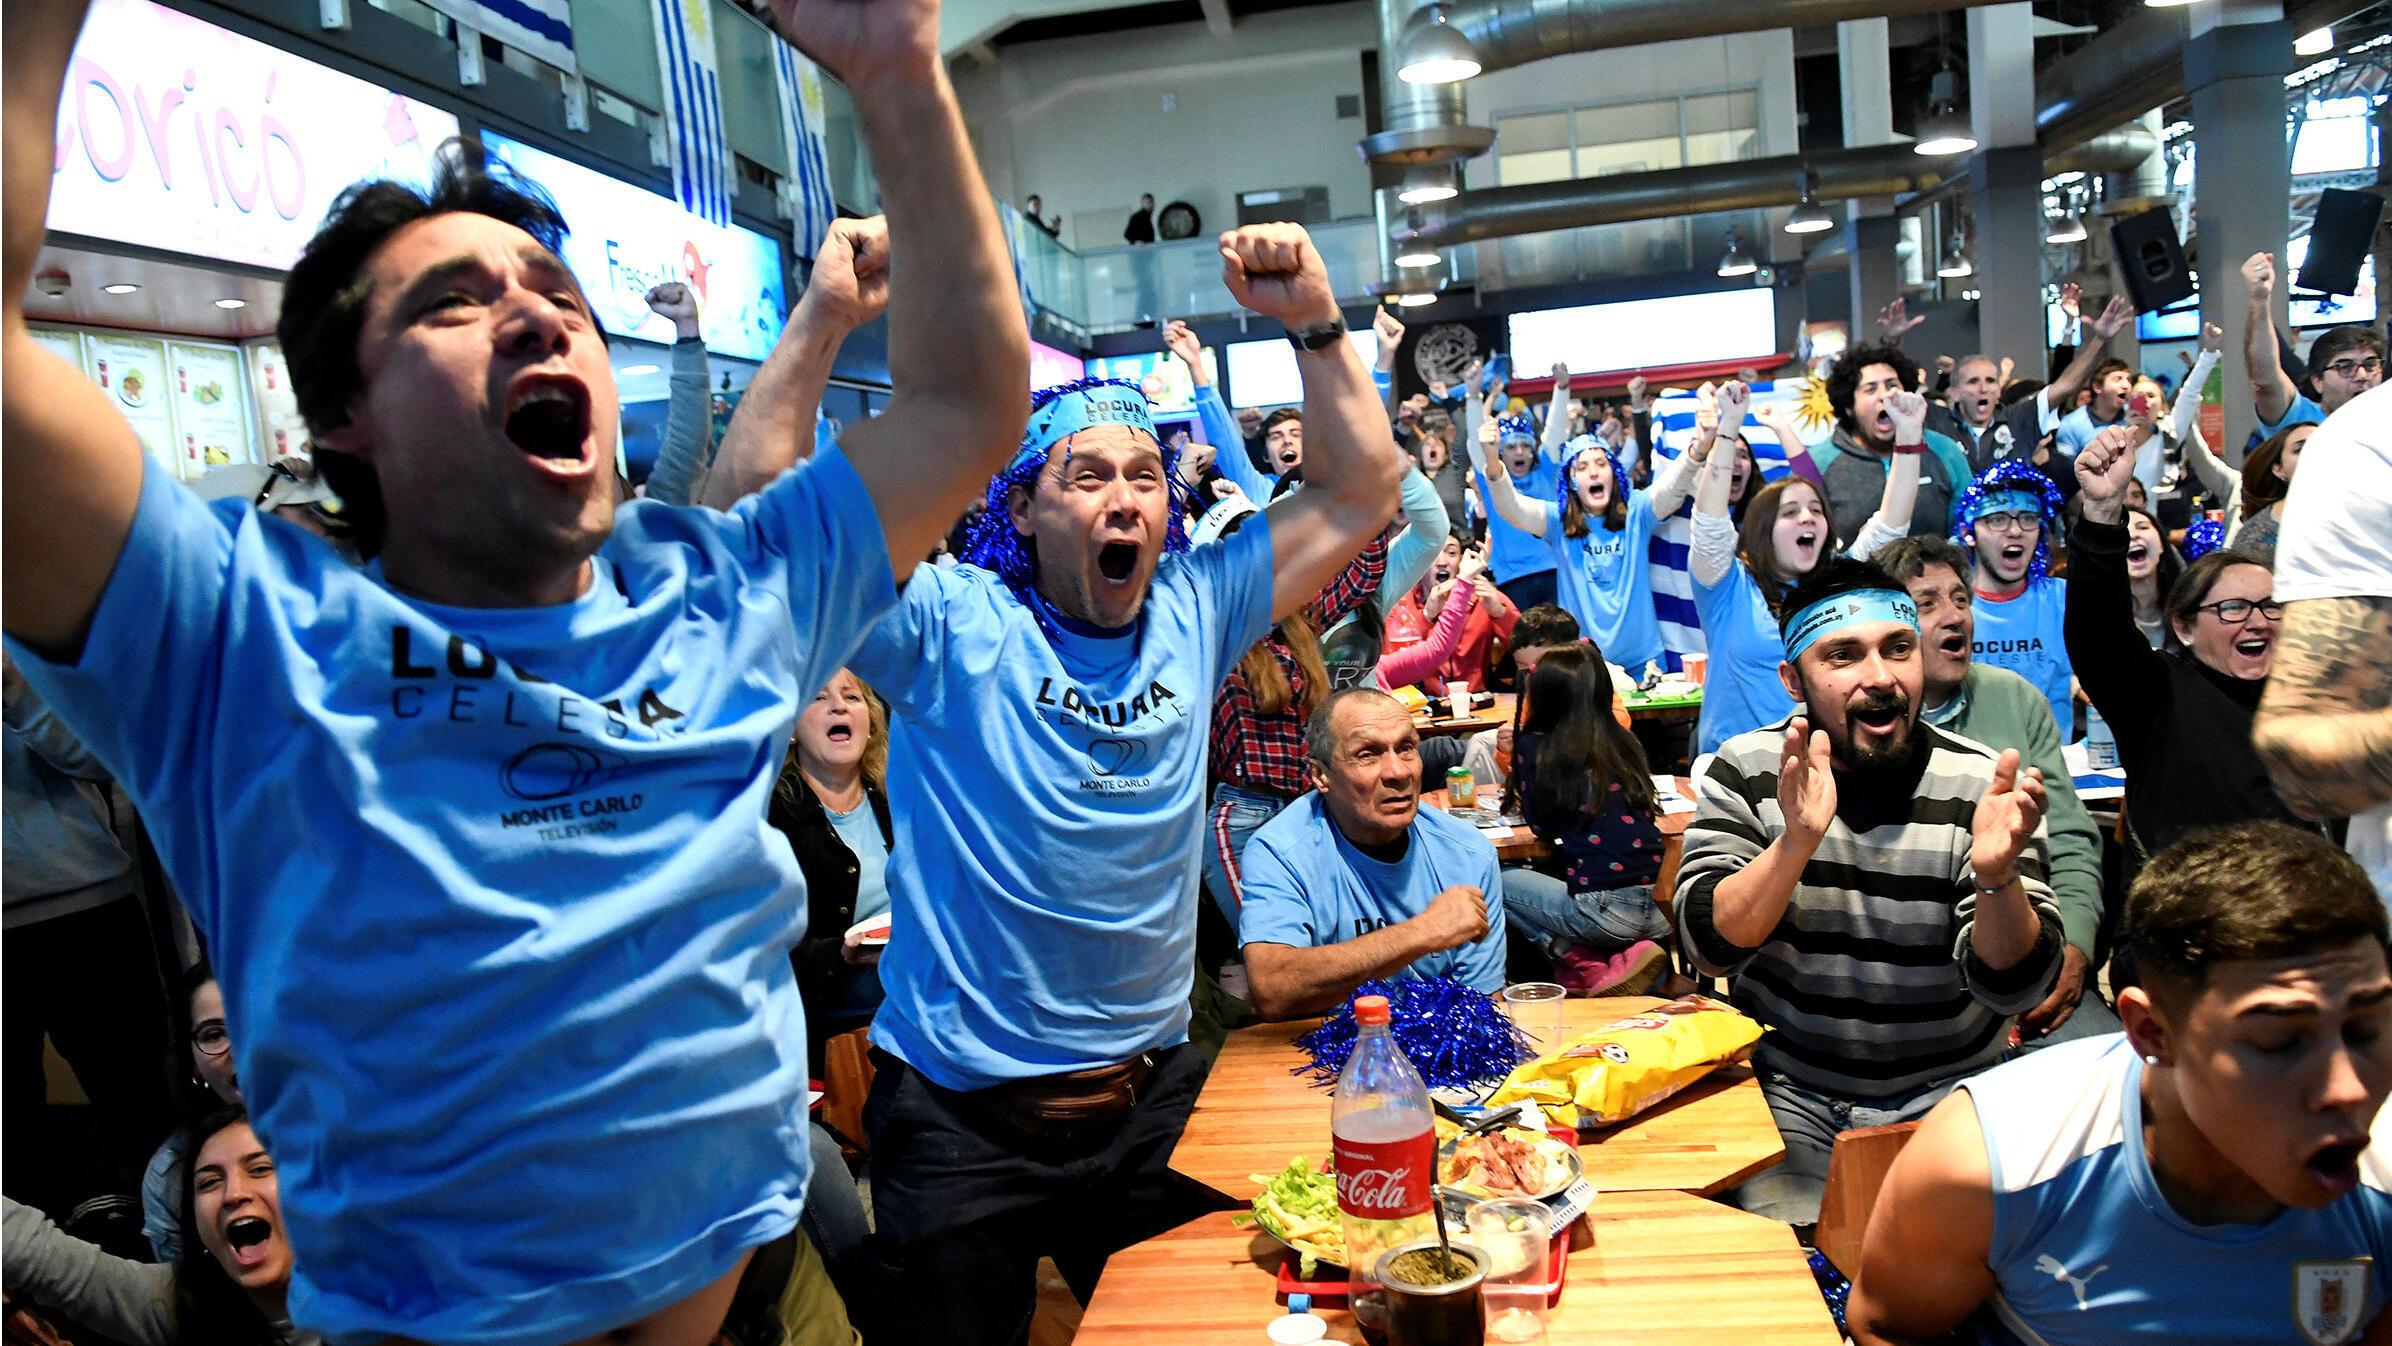 Los fanáticos celebraron el gol mientras veían la transmisión del partido entre Uruguay y Arabia Saudita en el Mercado Agrícola de Montevideo.